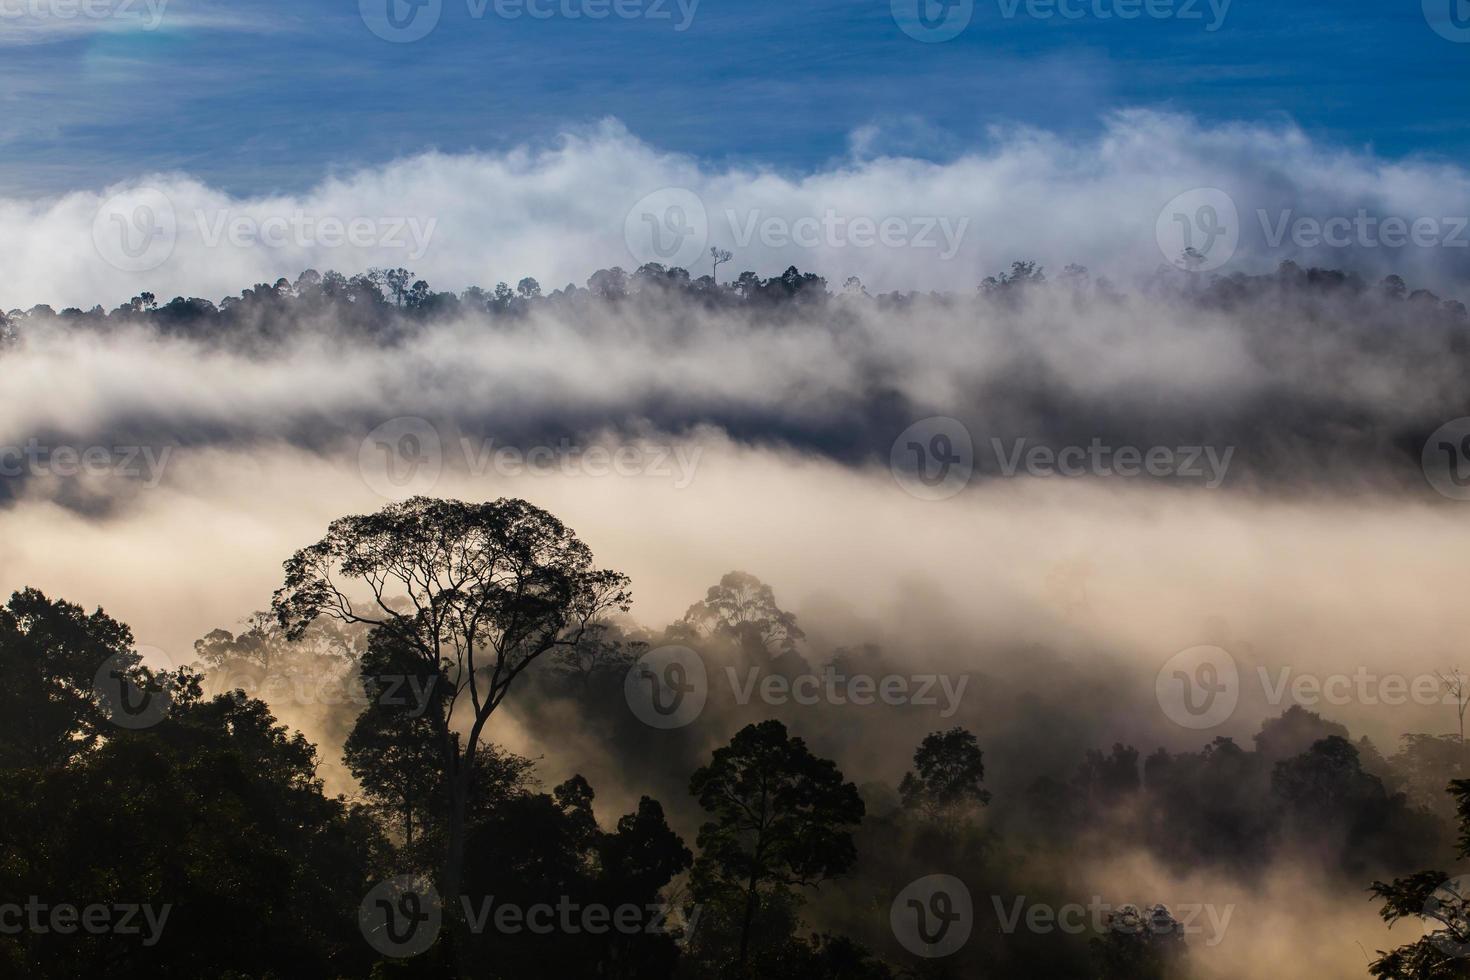 hala-bala narathiwas la vista del paisaje de la luz de la mañana (selvas foto